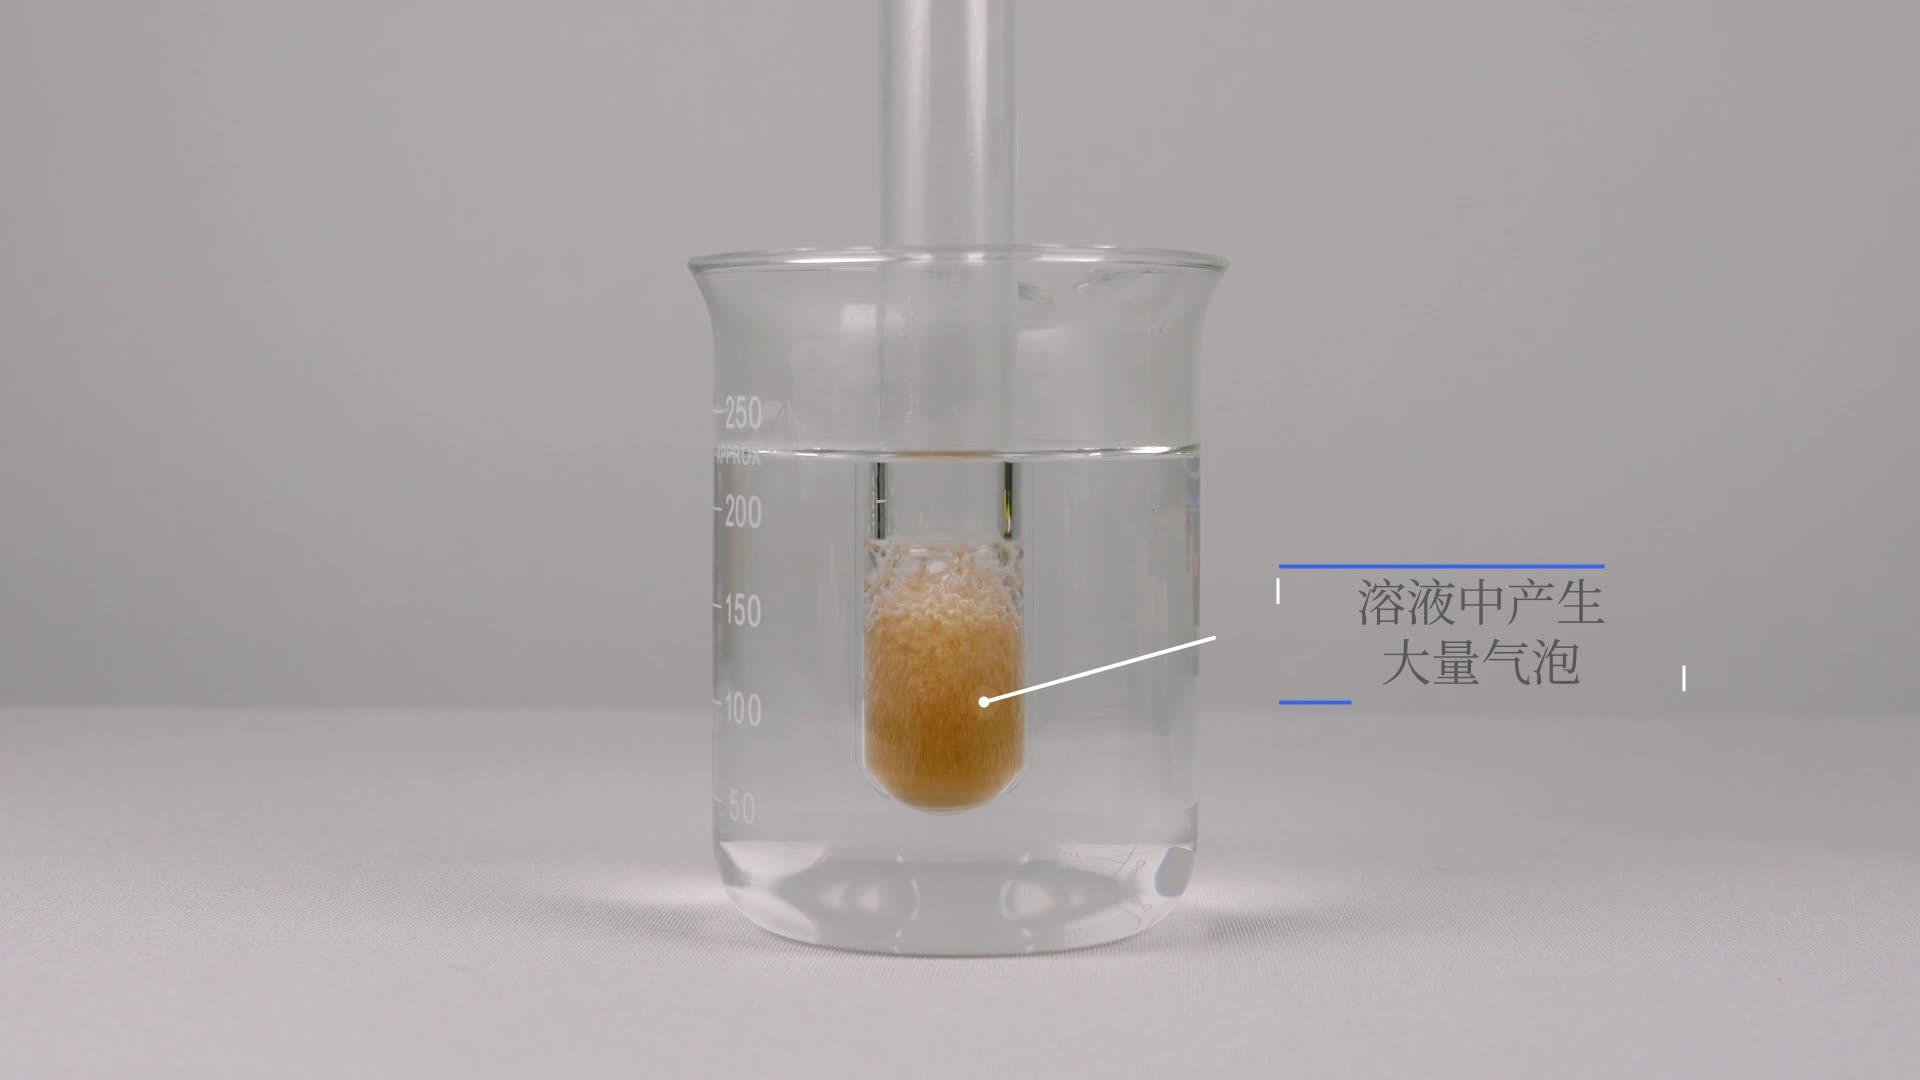 【限时折扣】2.3 温度对氯化铁催化过氧化氢的影响-【火花学院】人教版必修二高二化学 第二章 化学反应与能量 第三节 化学反应的速率和限度 [来自e网通客户端]